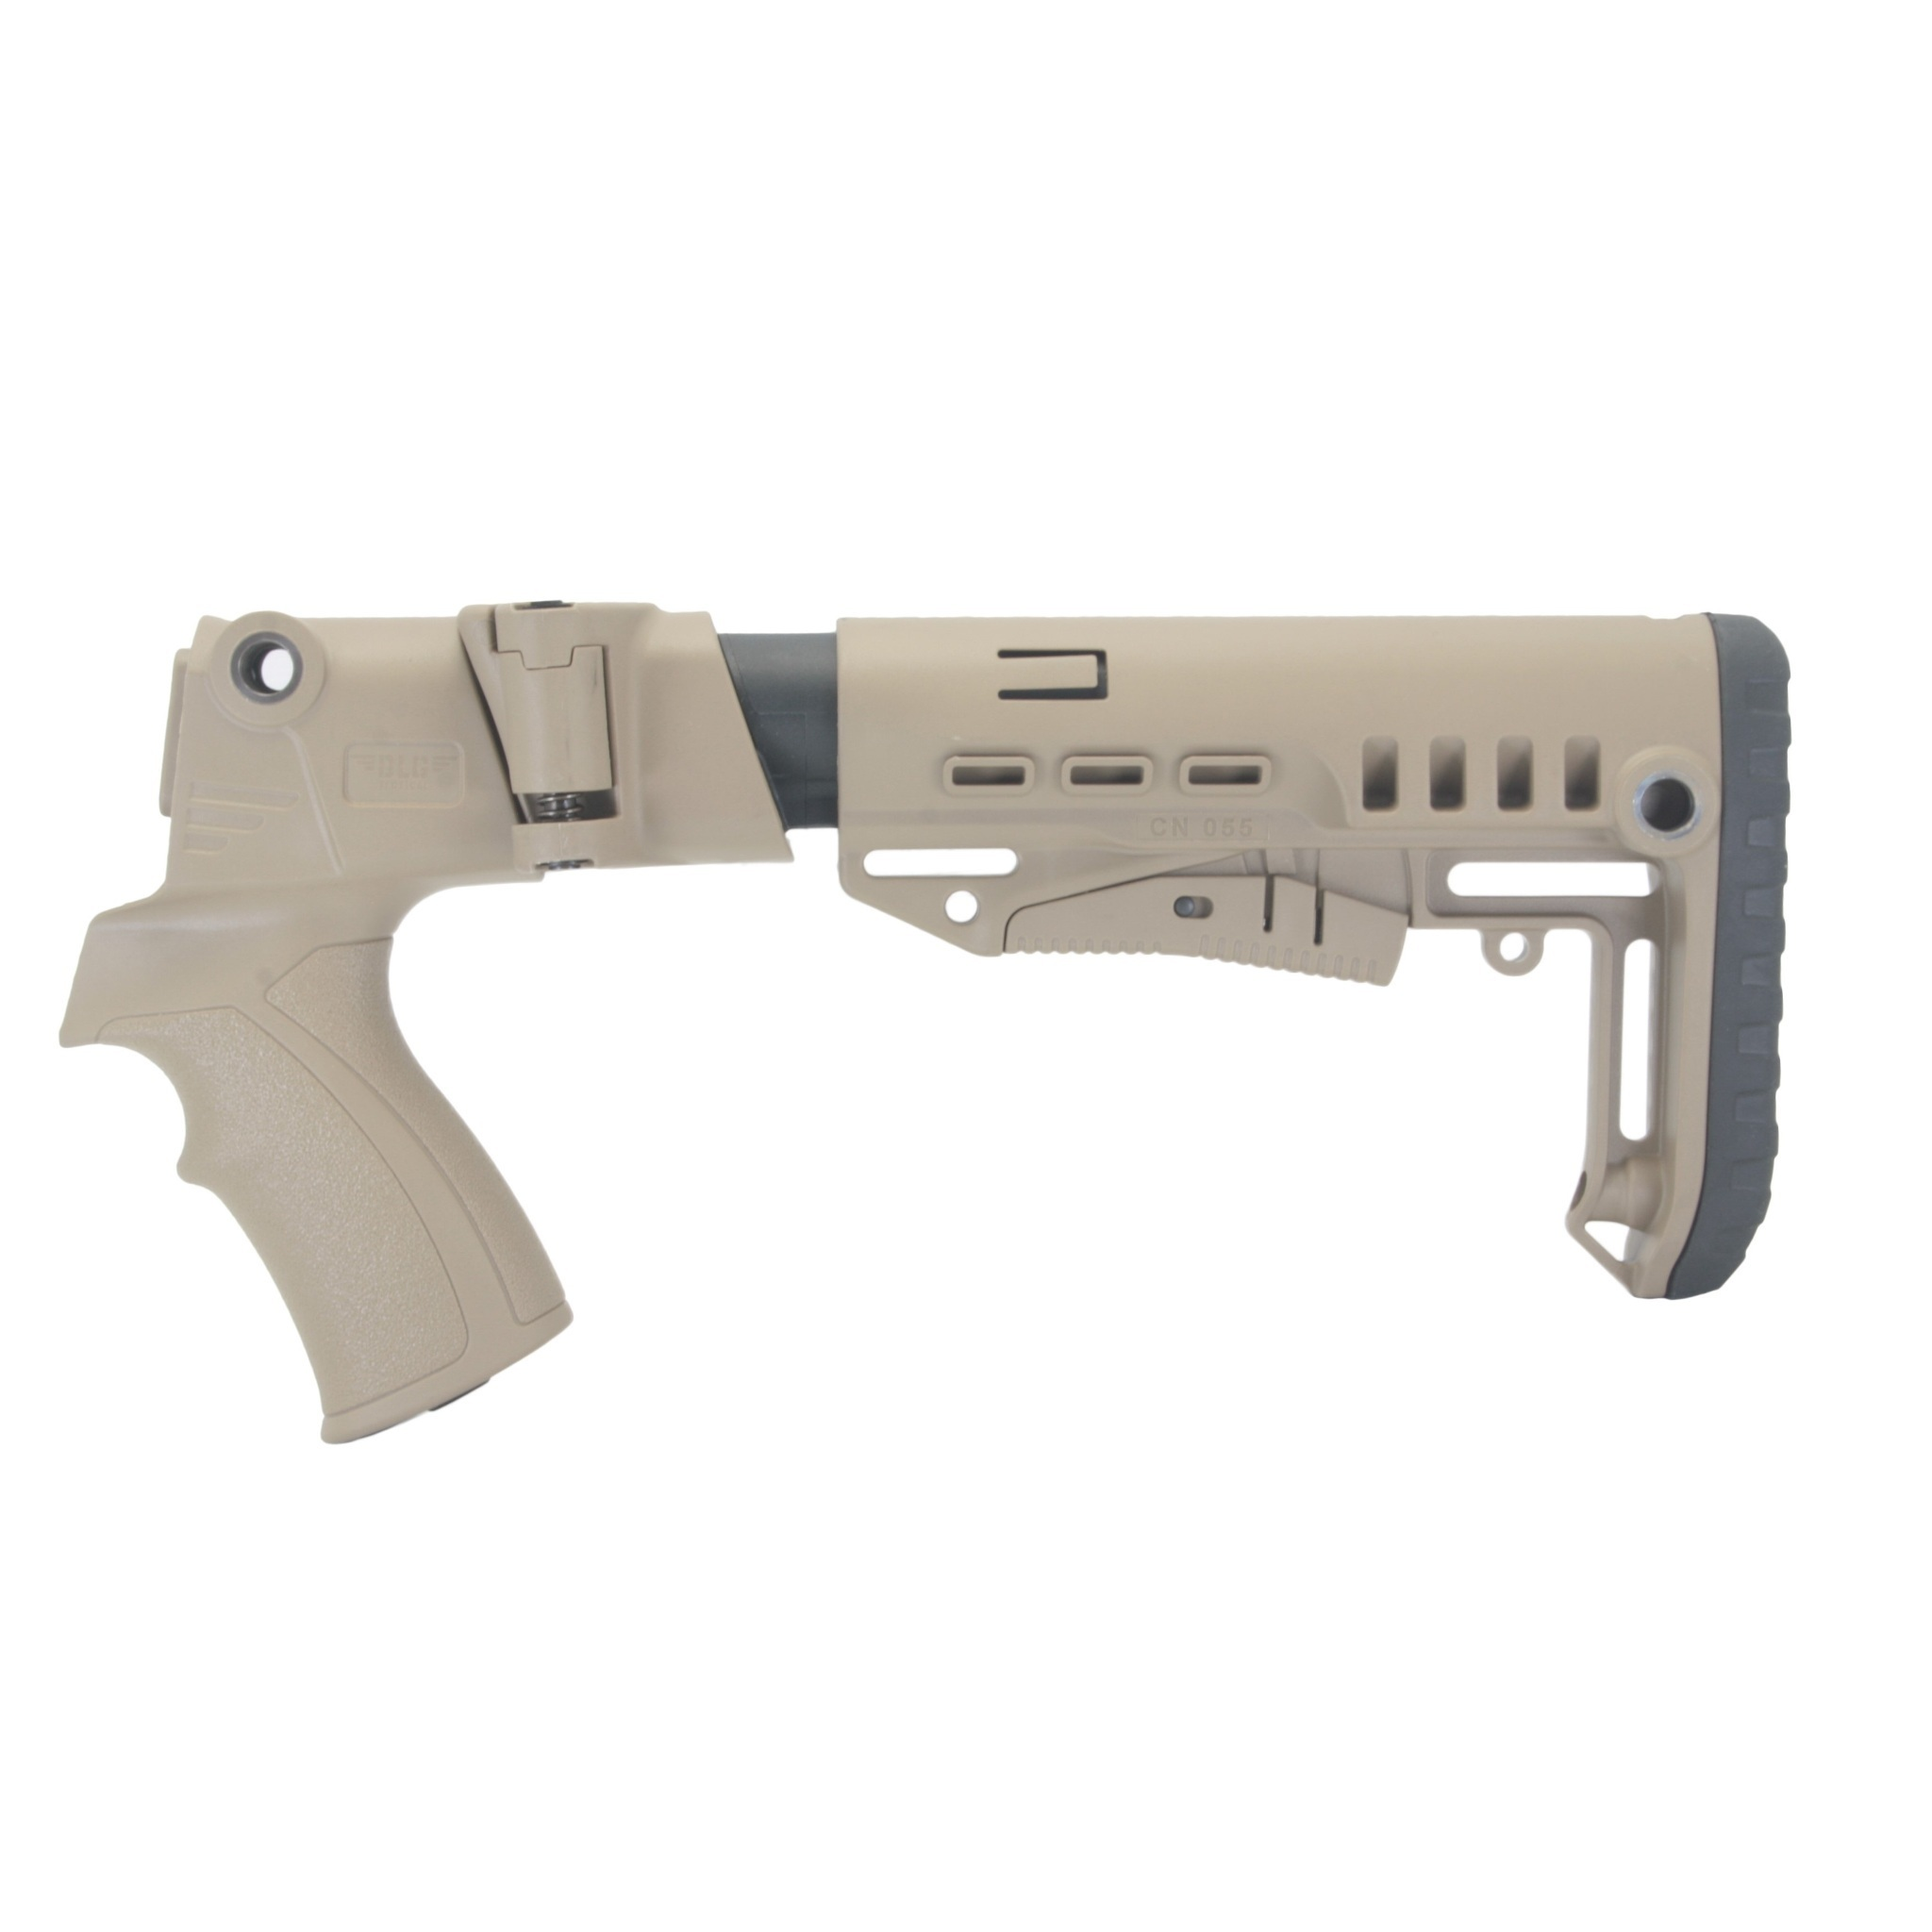 Купить Комплект: Пластиковый приклад Бекас, DLG Tactical